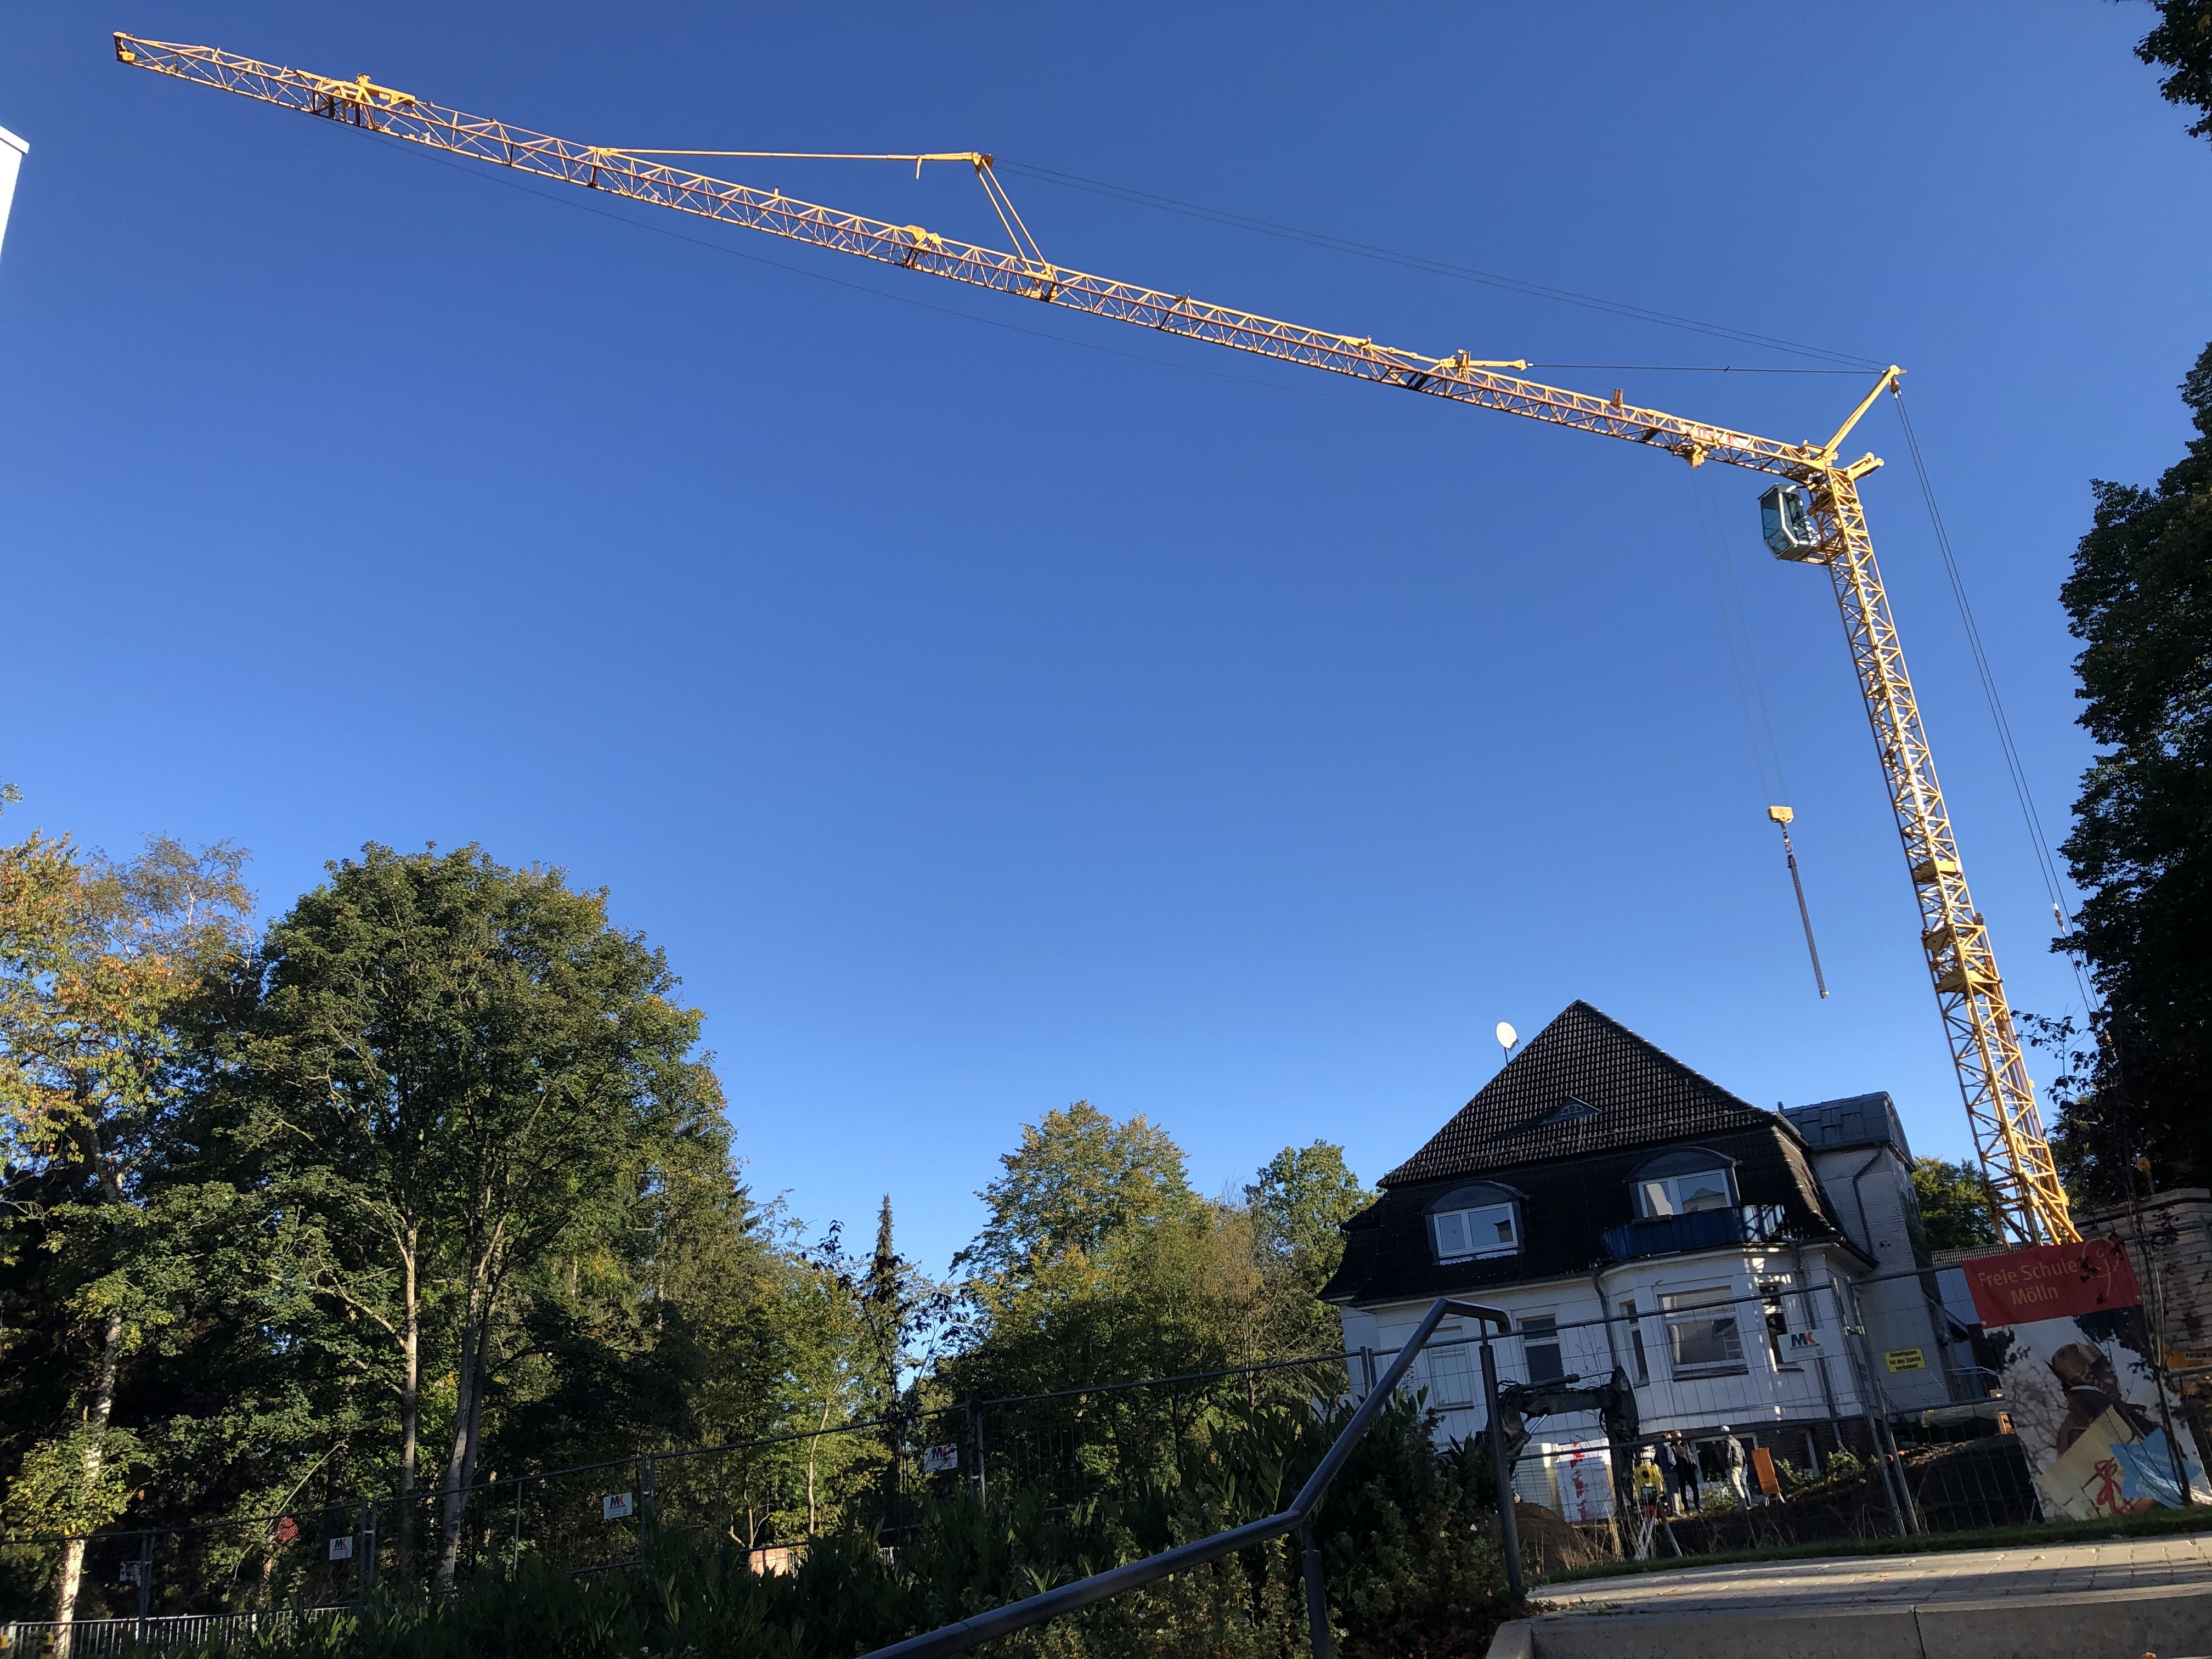 Kran auf der Baustelle der Freien Schule Mölln